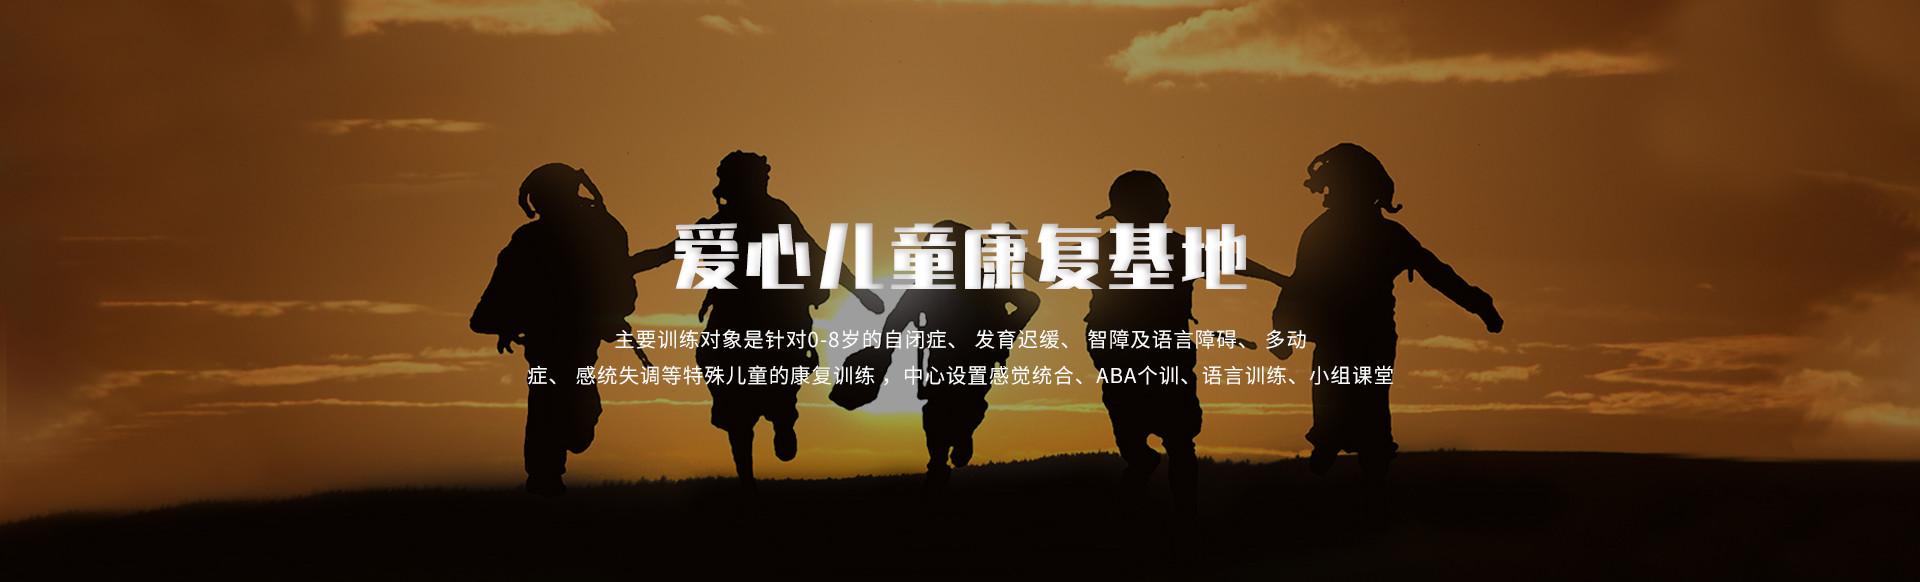 http://www.axetkf.com/data/upload/202011/20201118145600_143.jpg